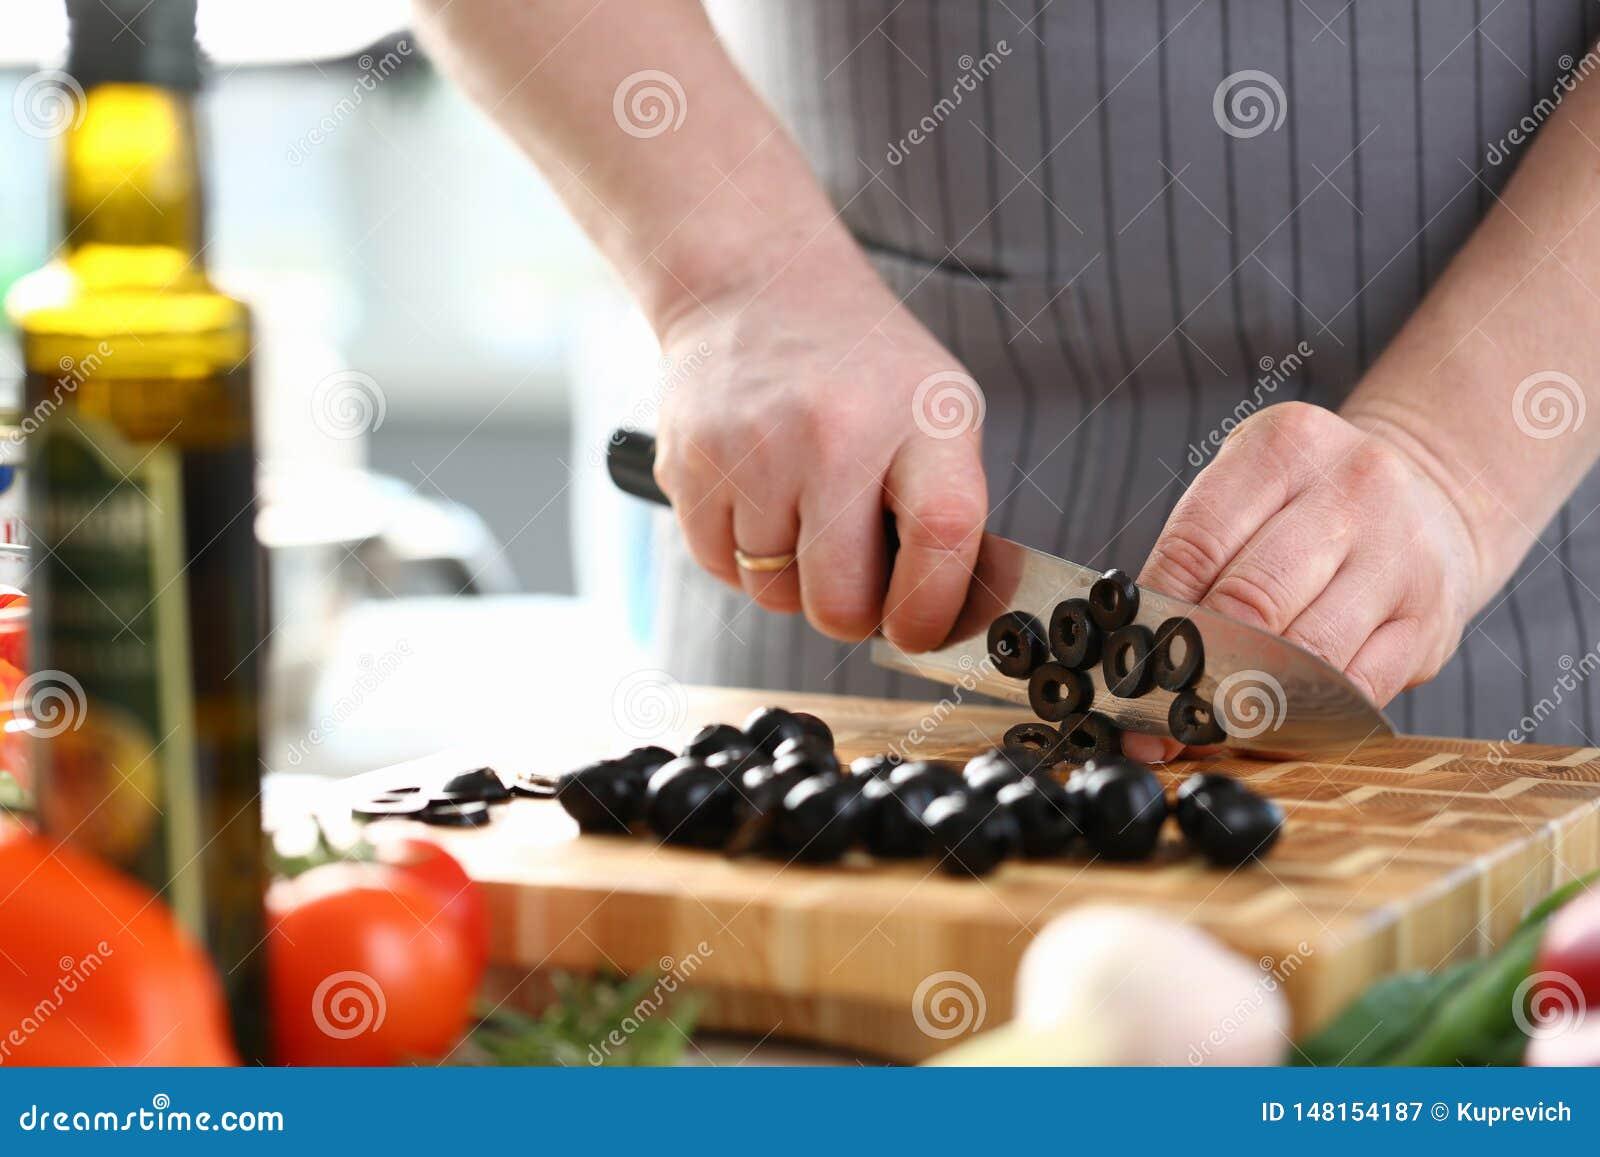 Cuoco unico professionista Cutting Black Olive Ingredient